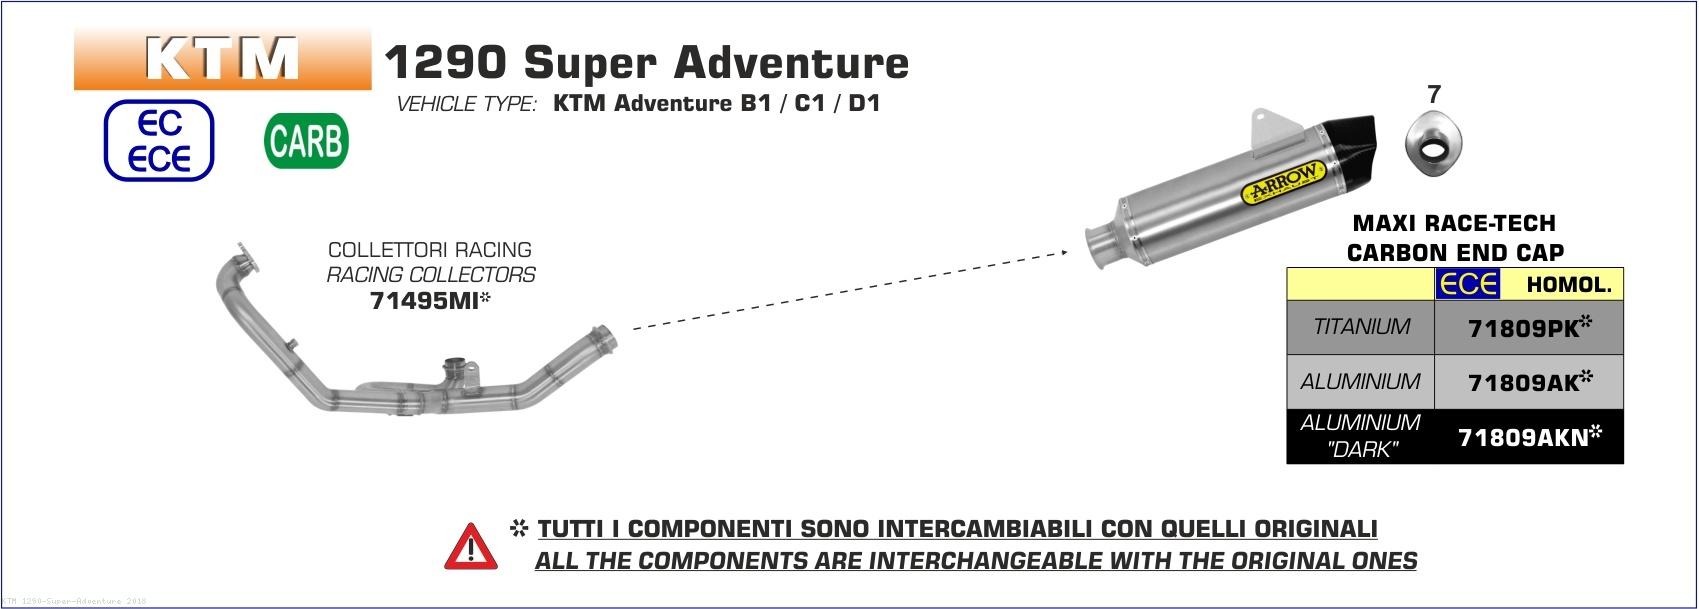 2018 ktm adventure 1290. beautiful ktm maxi racetech exhaust by arrow ktm  1290 super adventure 2018 and ktm adventure a